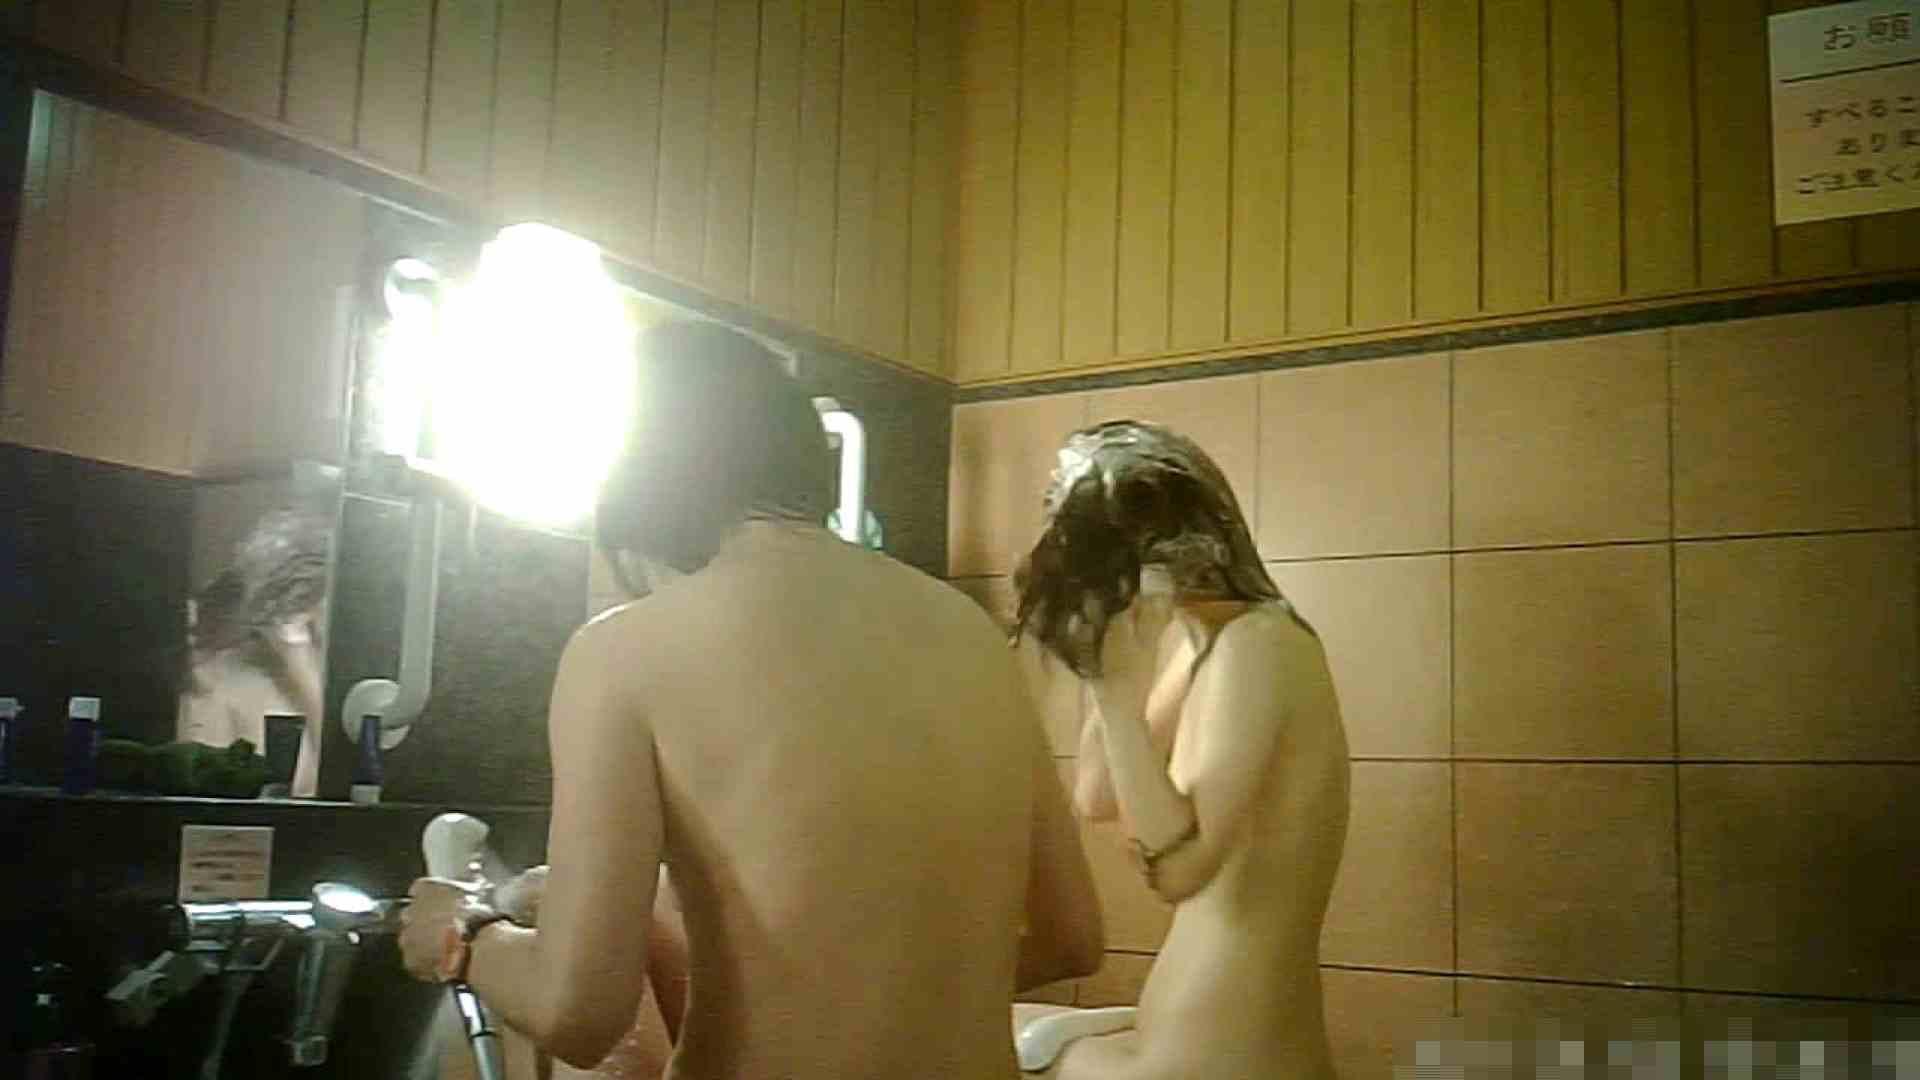 ヤリマンのオマンコ:Vol.59 洗い場!よく似てます!お嫁に行くのはいつでしょうか。:怪盗ジョーカー